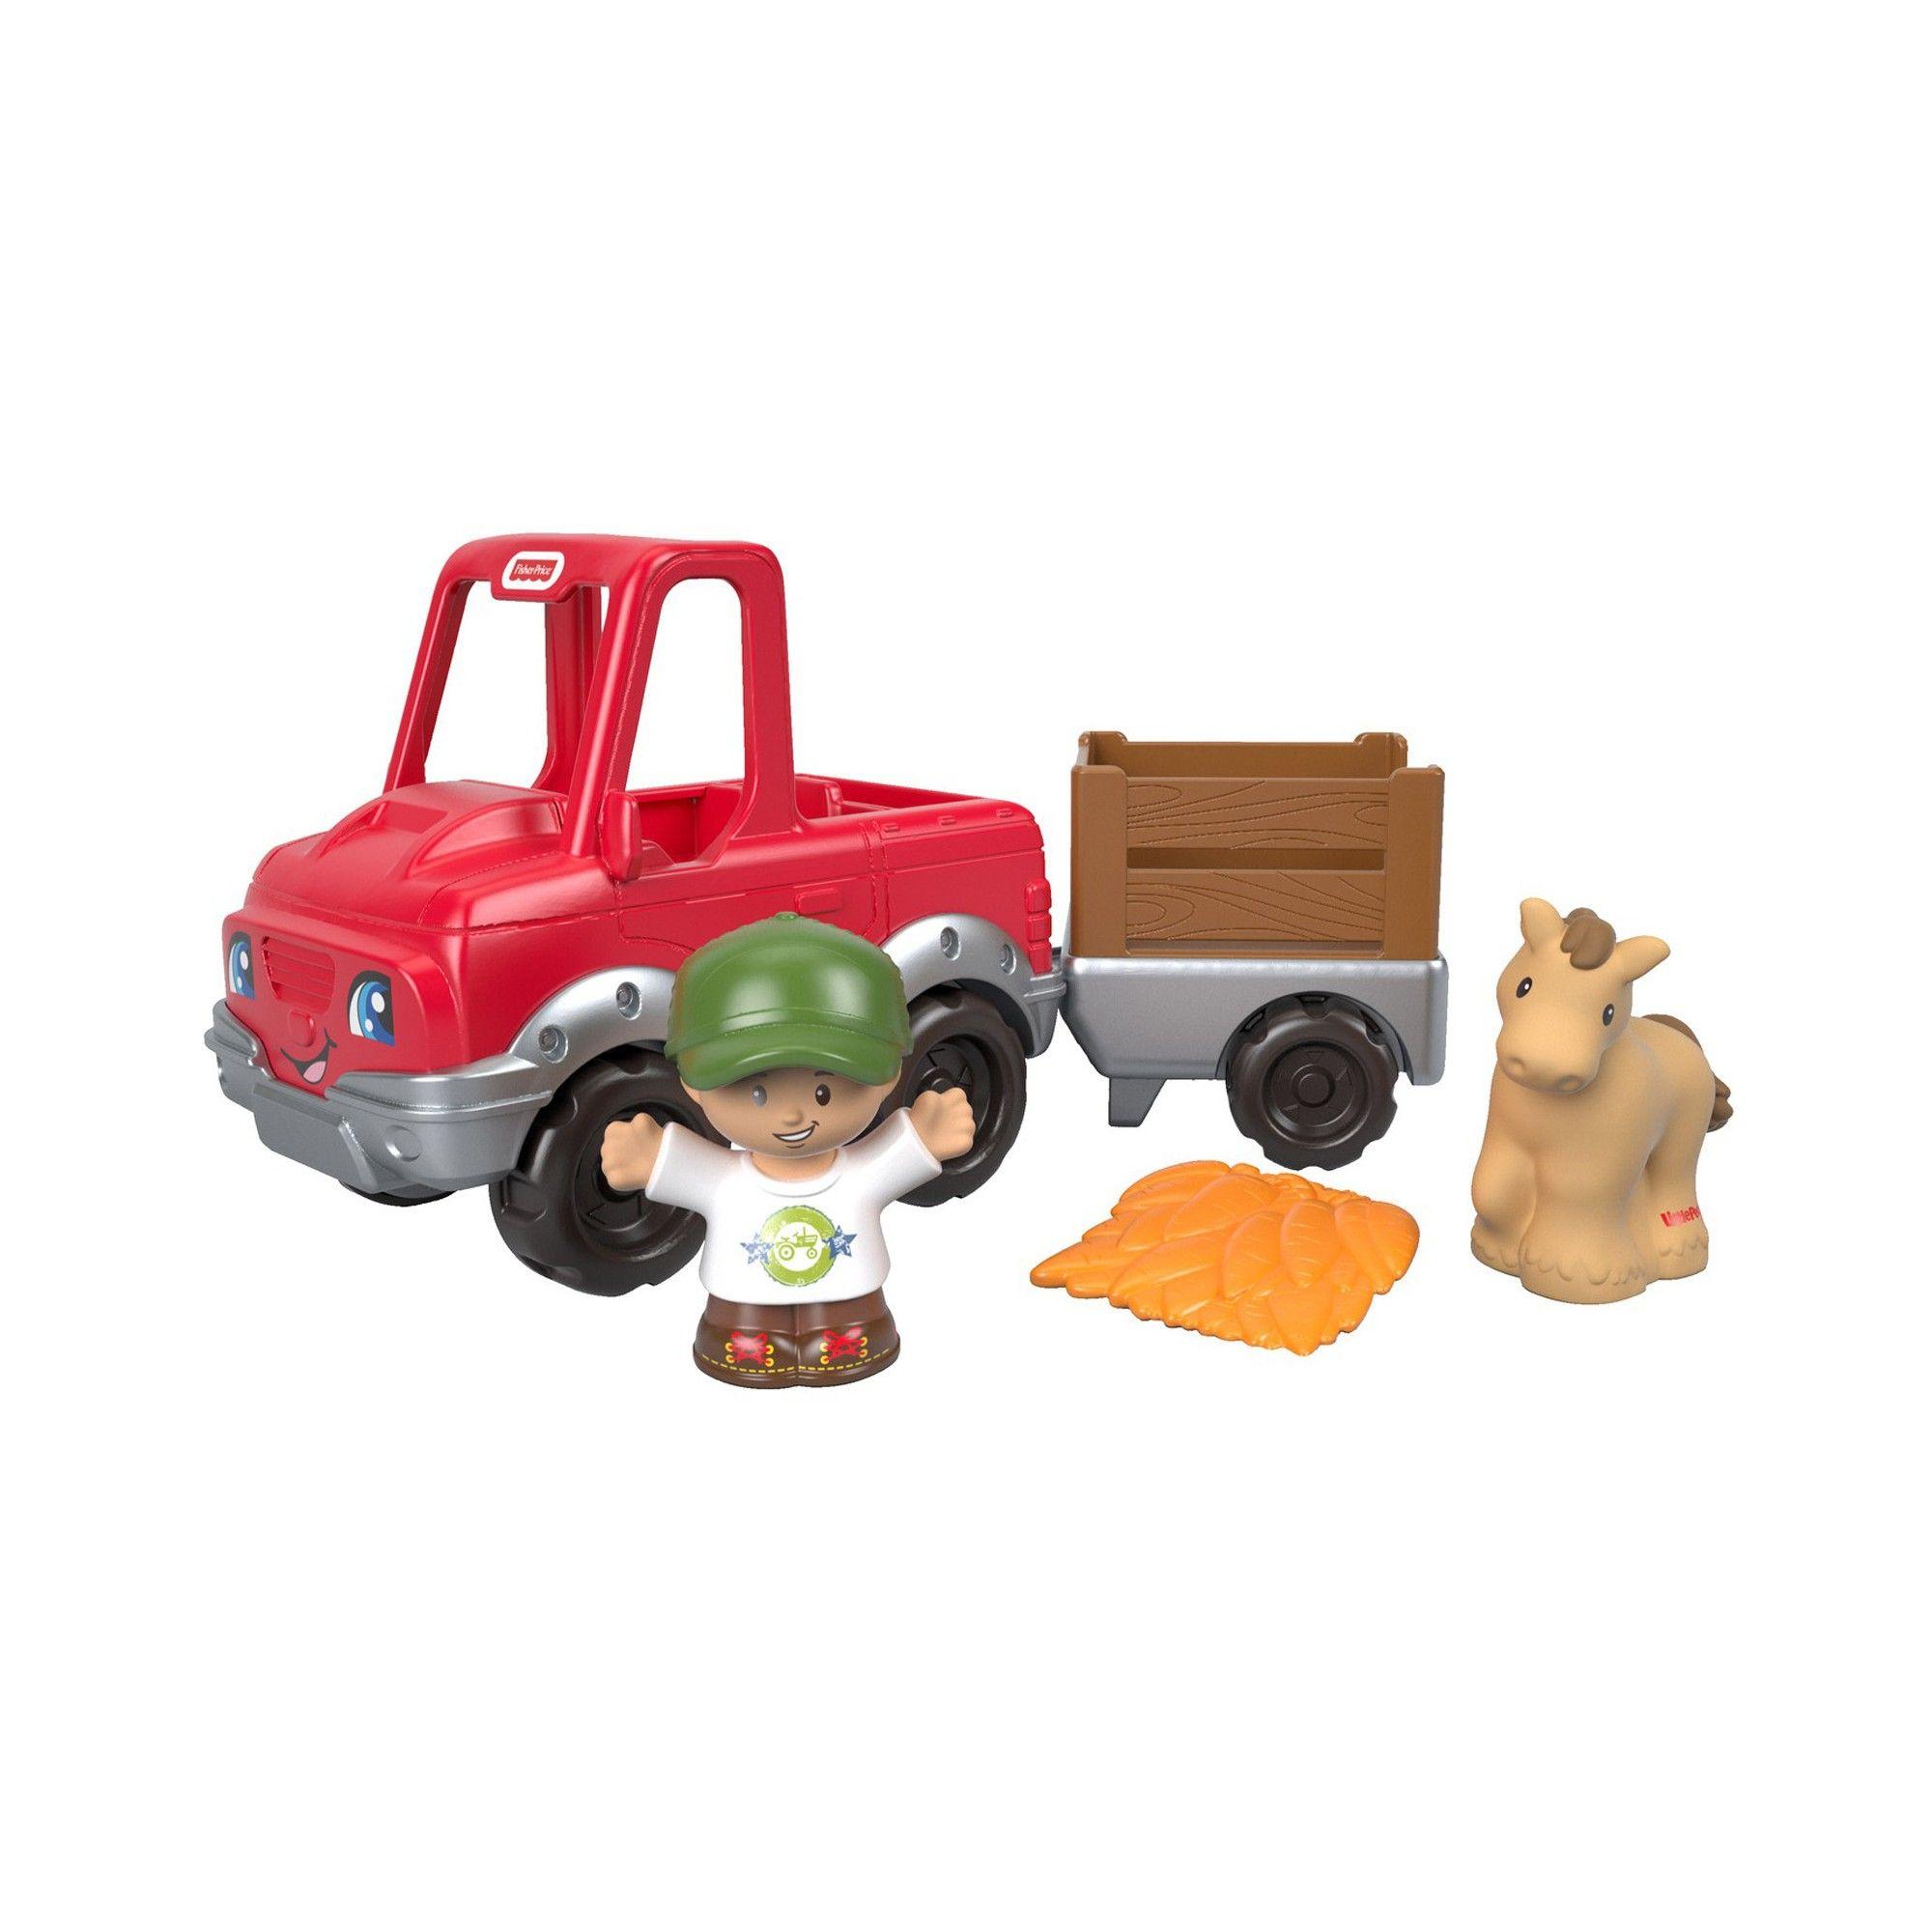 Little people car toys  FisherPrice Little People Handy Helper Farm Truck  Products